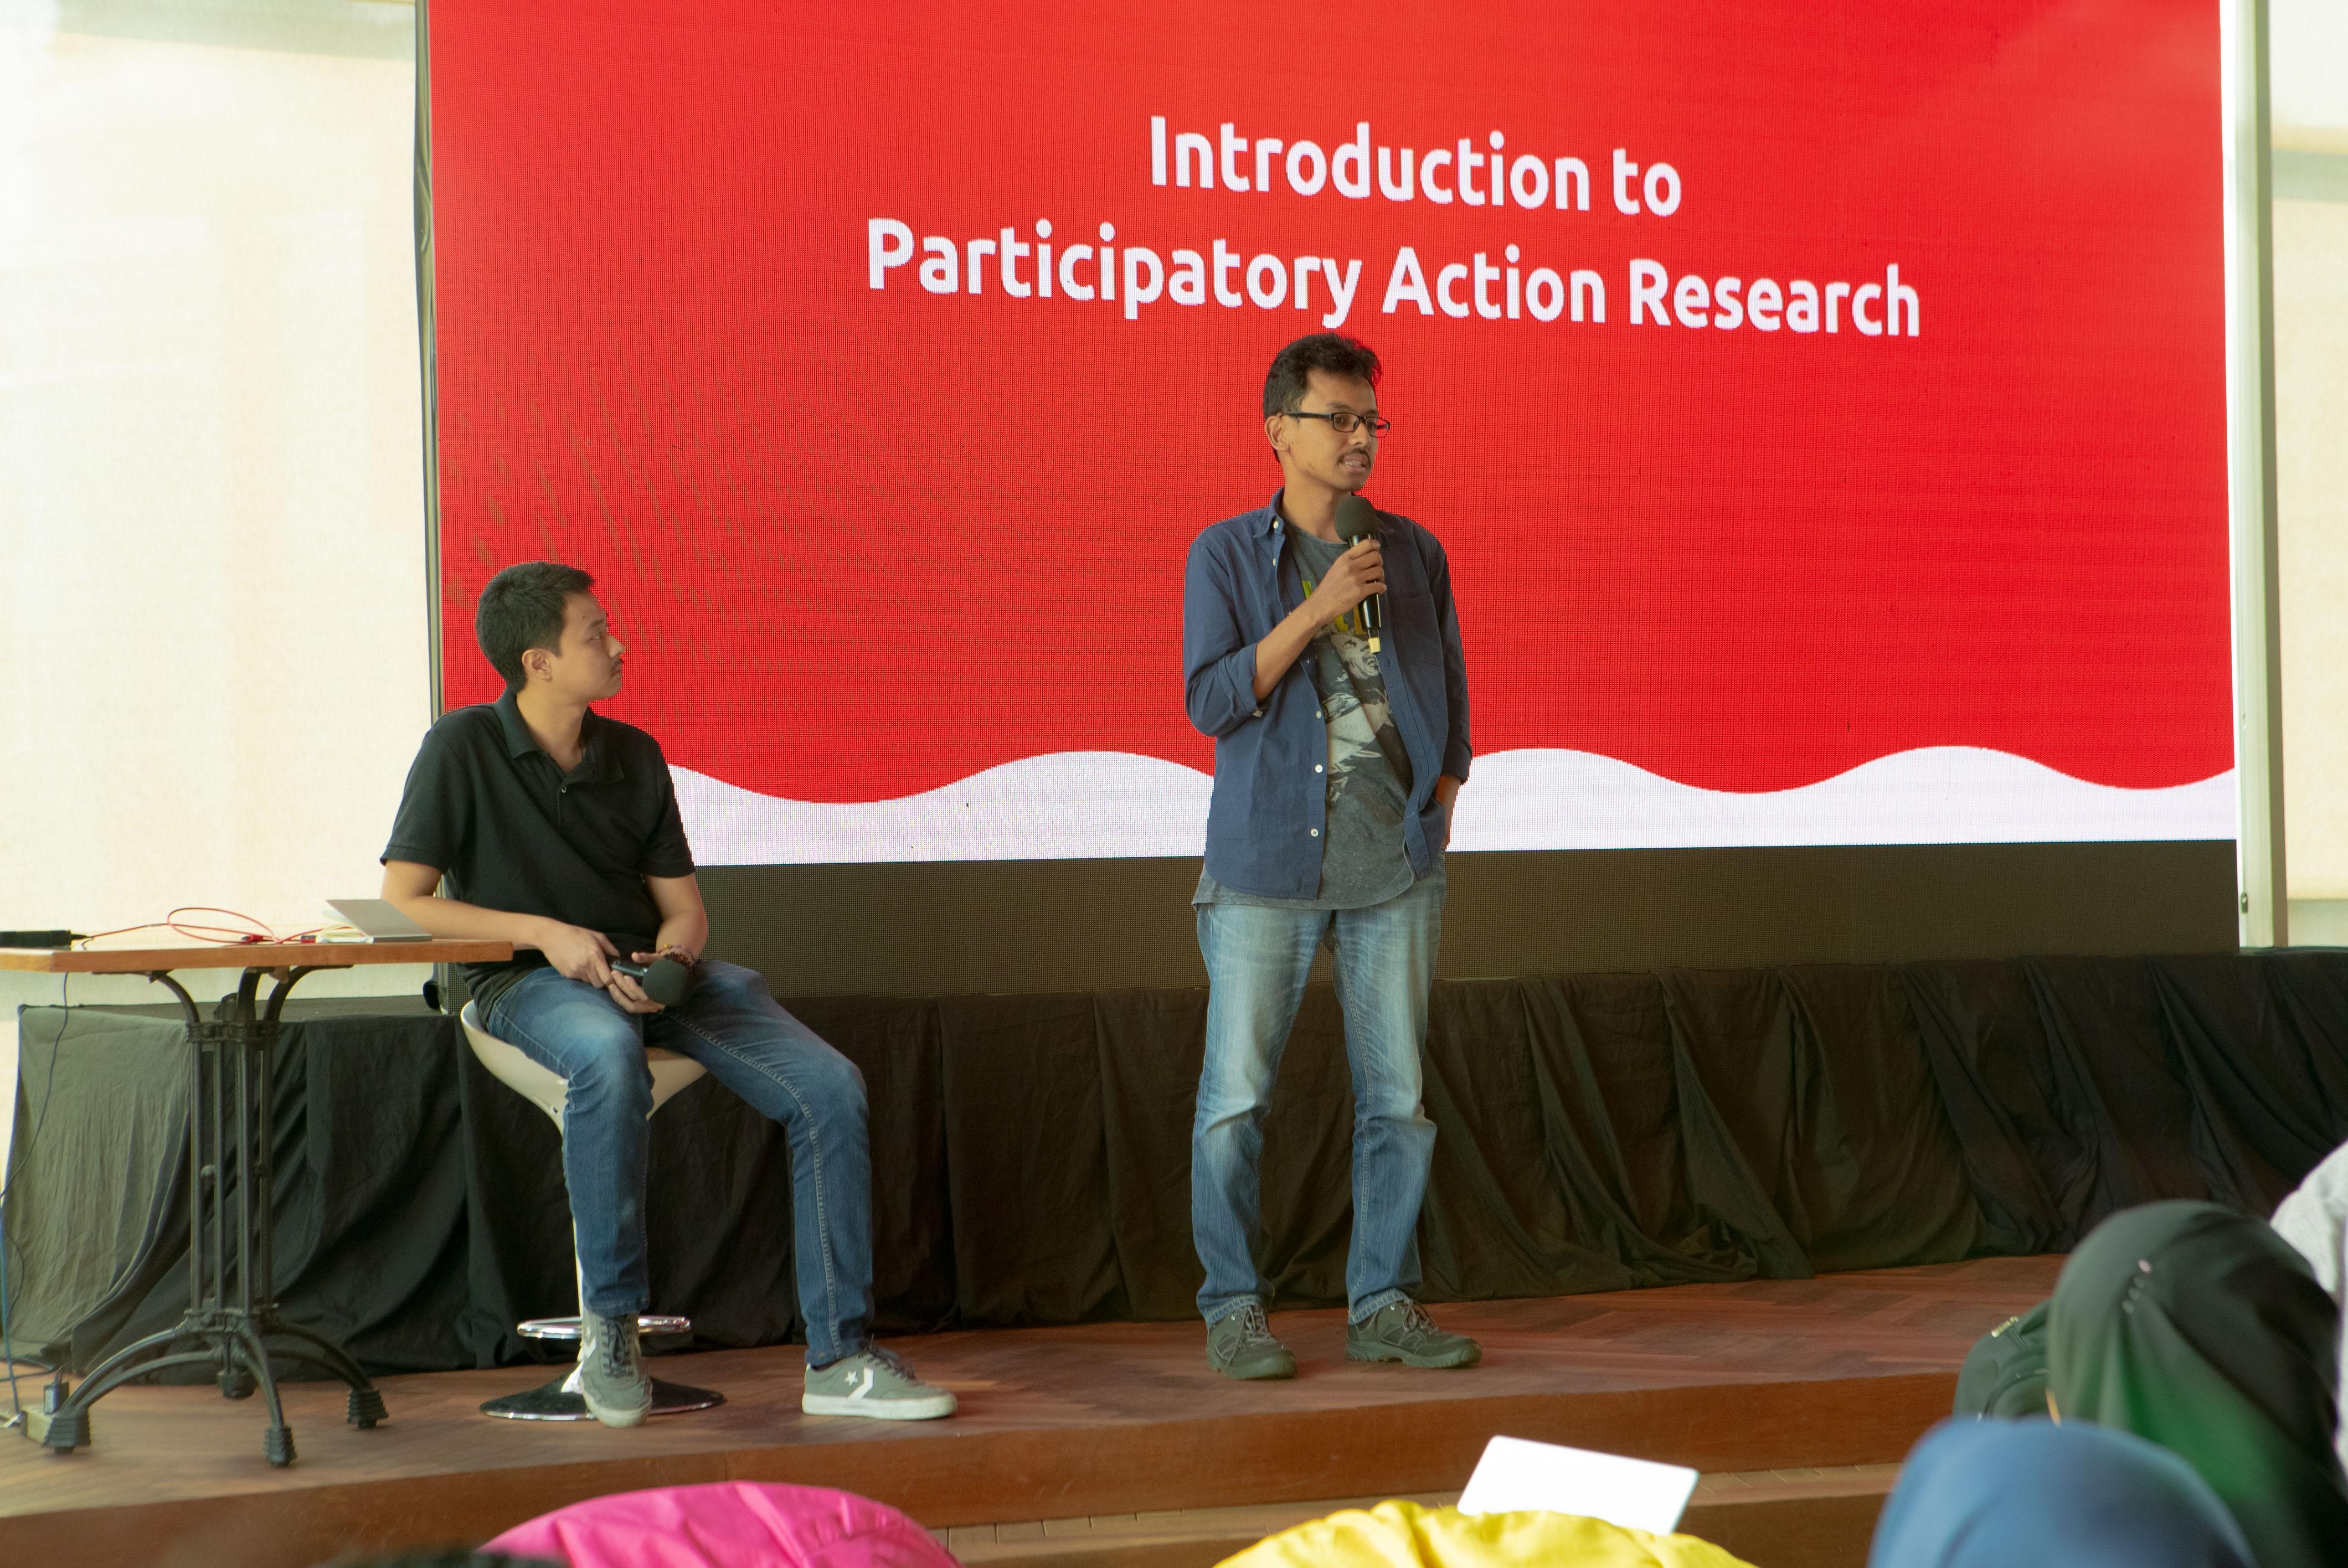 Timoti dan Pitor menjelaskan tentang materi PAR dalam pengambilan data penelitian. (Dokumentasi: Tim Dayamaya)